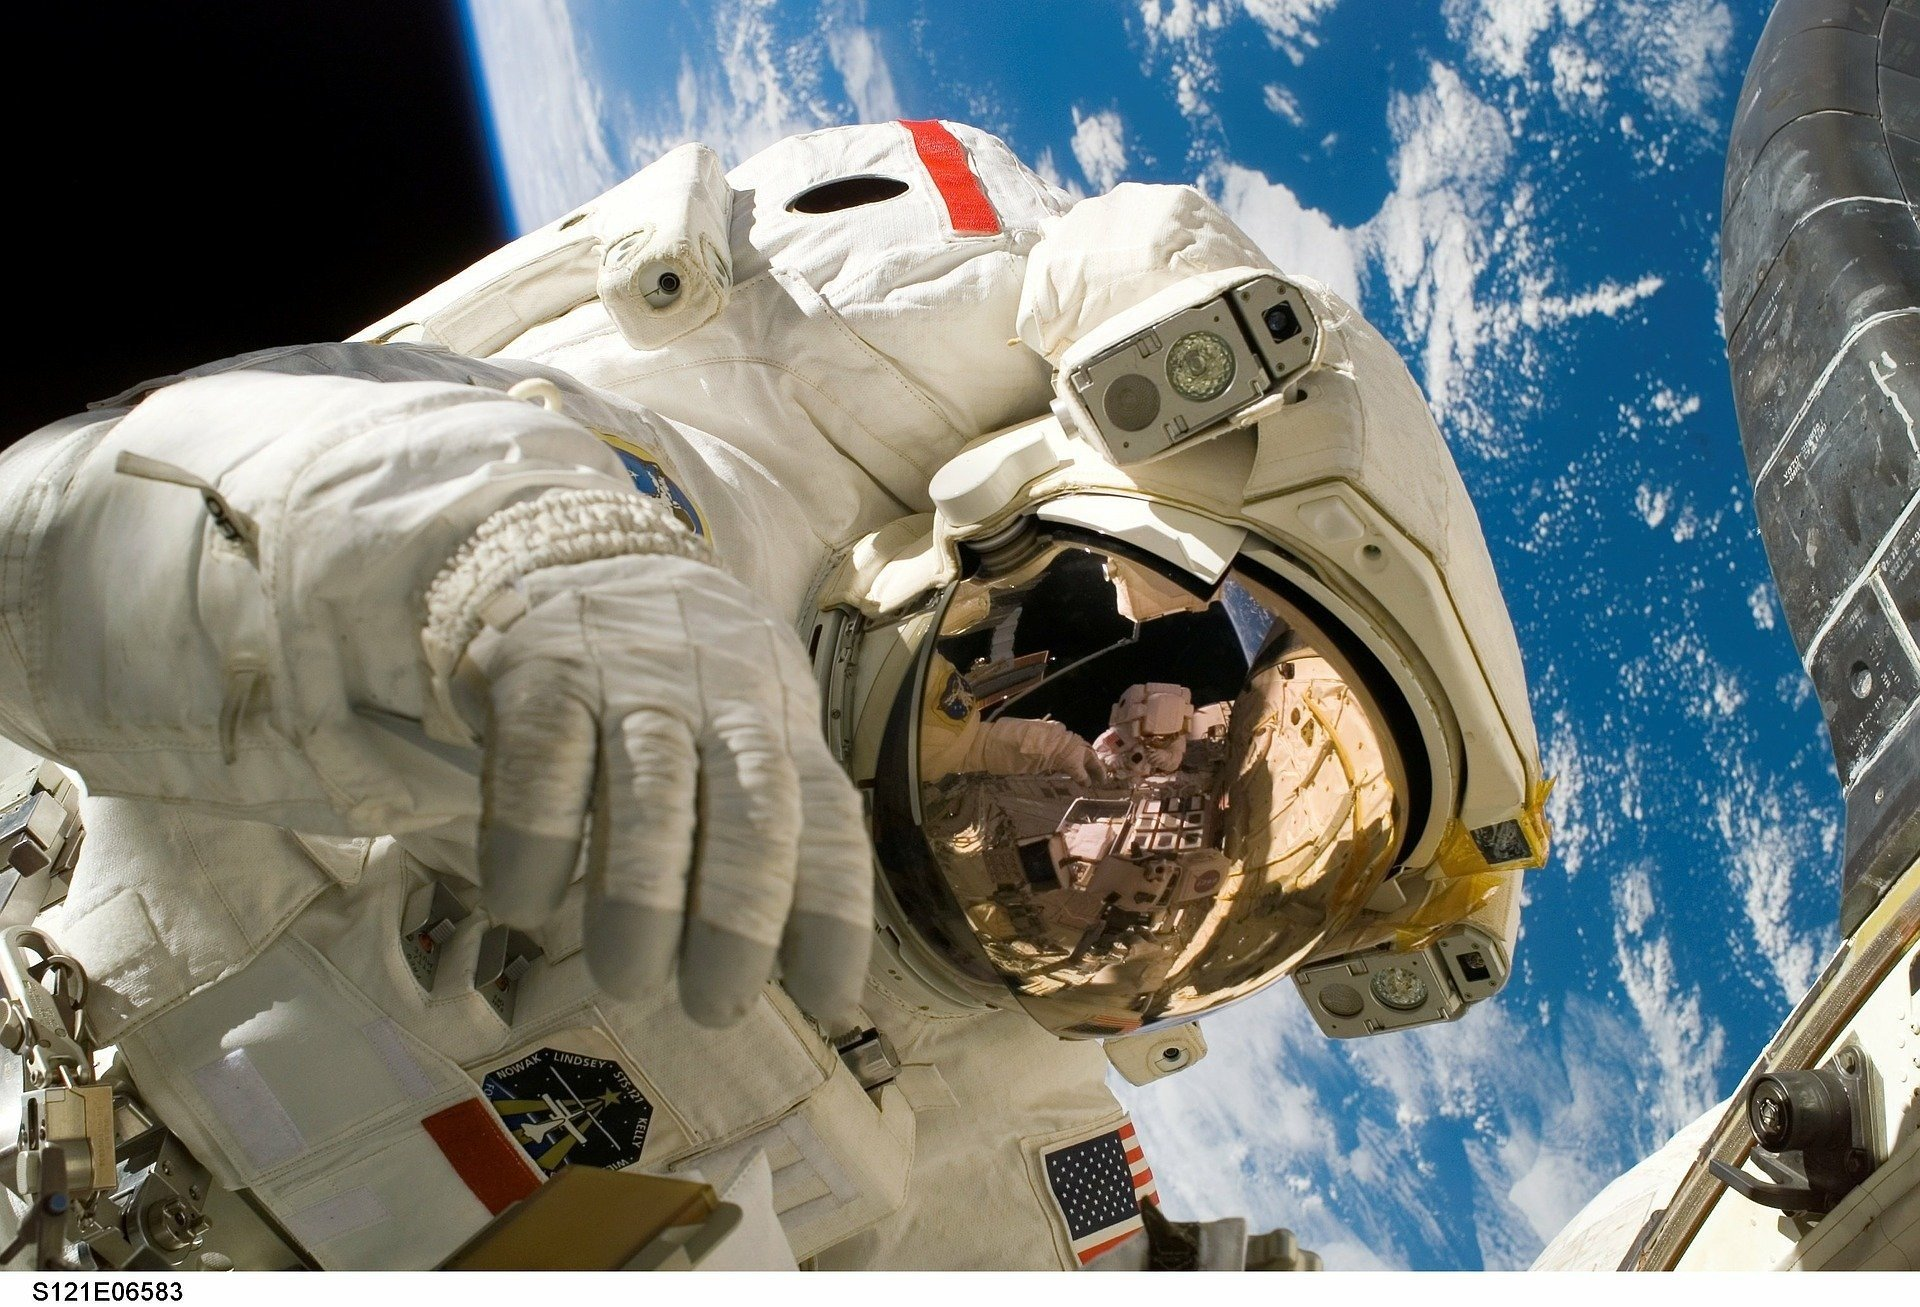 Украина подписала соглашение о принципах мирного космоса